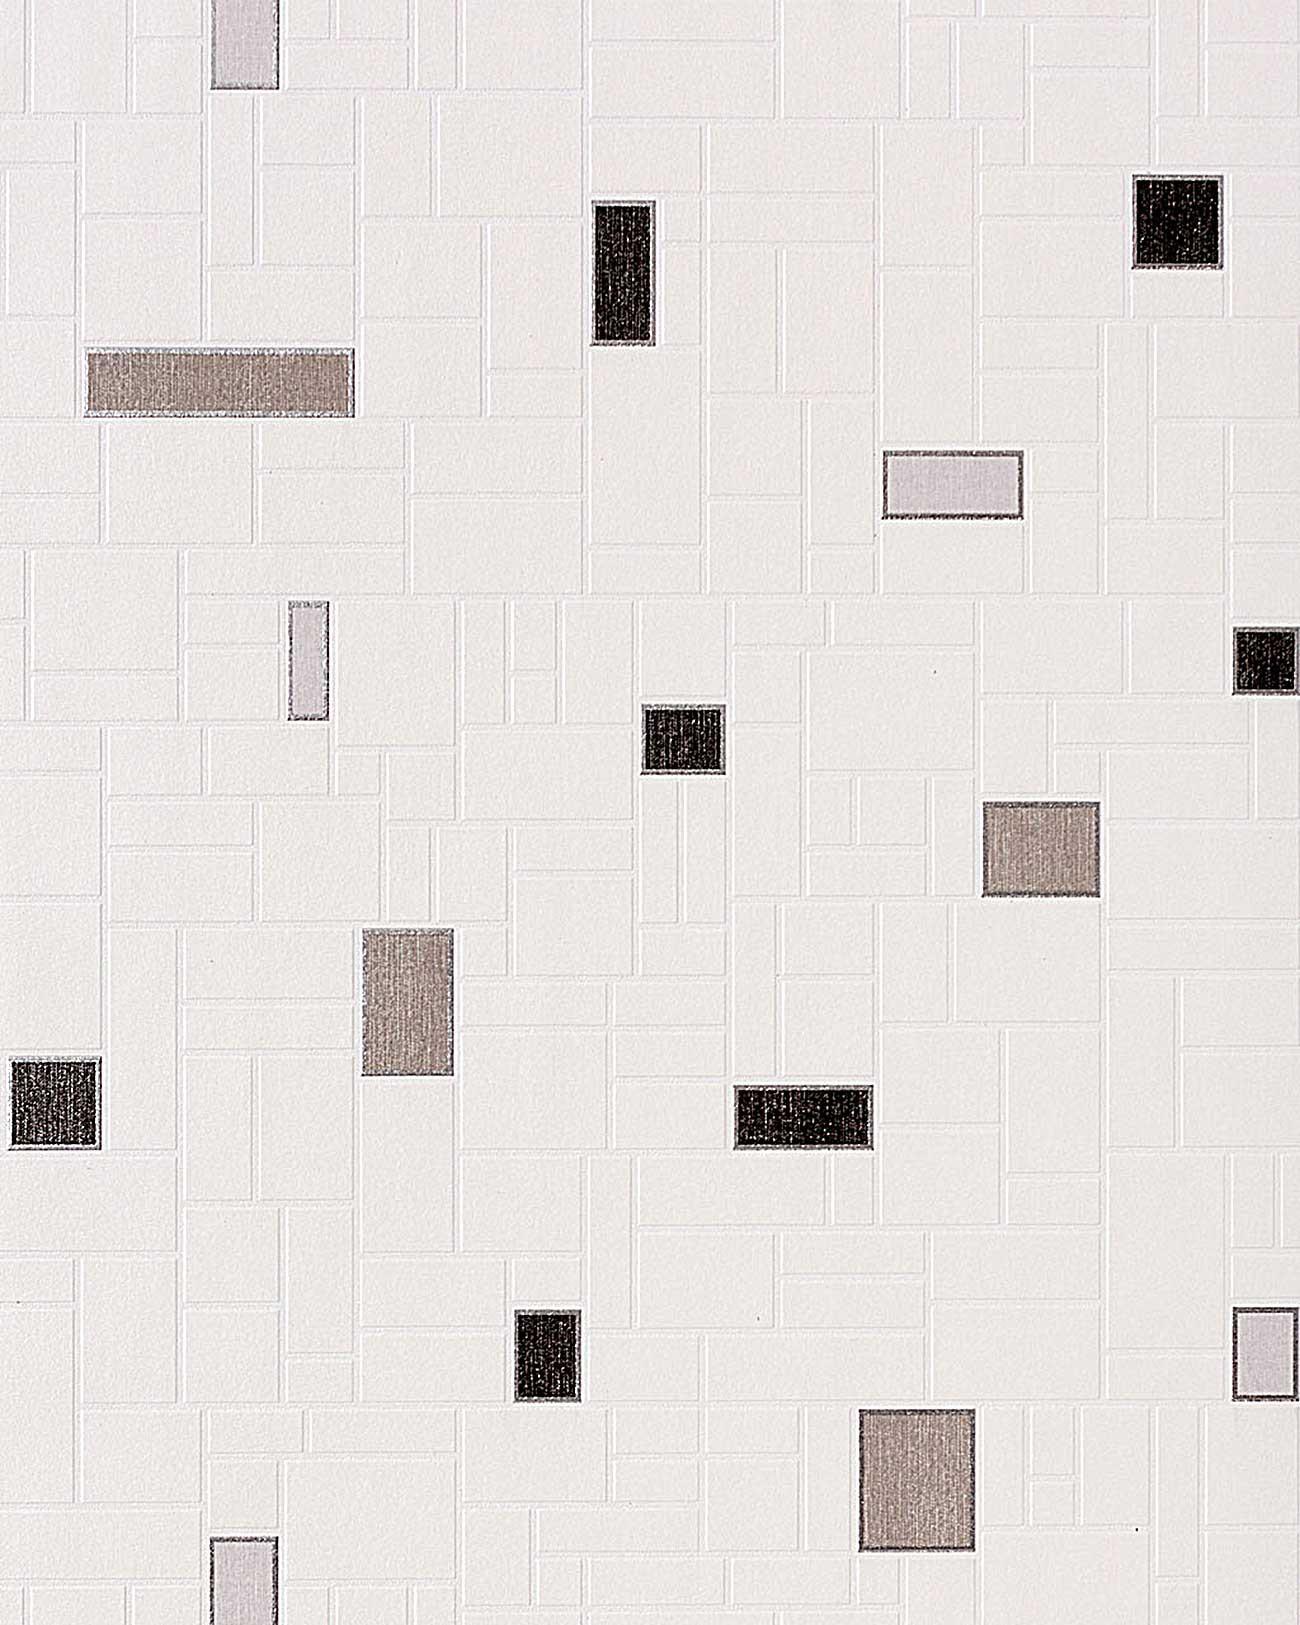 steintapete weiss, küchentapete stein tapete edem 584-20 vinyl tapete fliesen kacheln, Design ideen